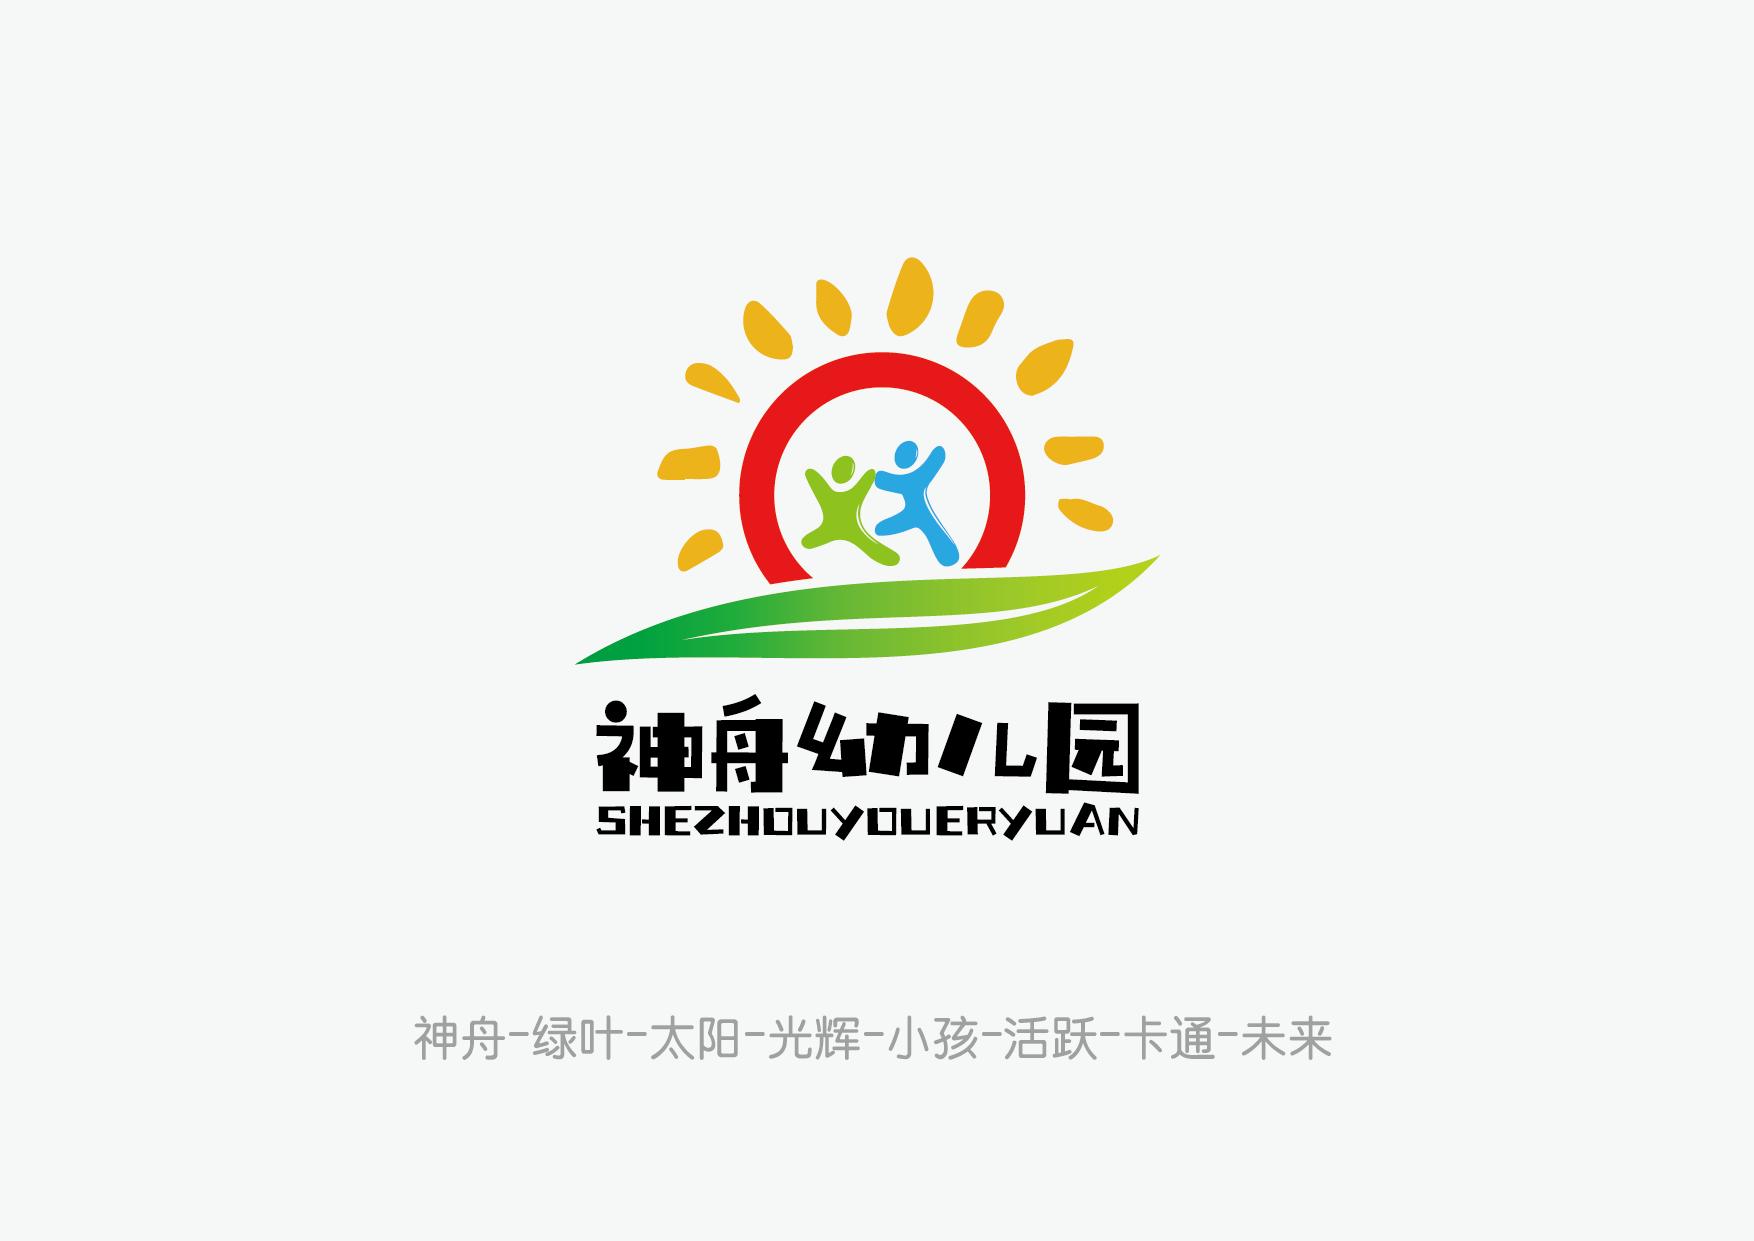 神舟幼儿园LOGO标志设计-logo设计,设计季的字体设计图片